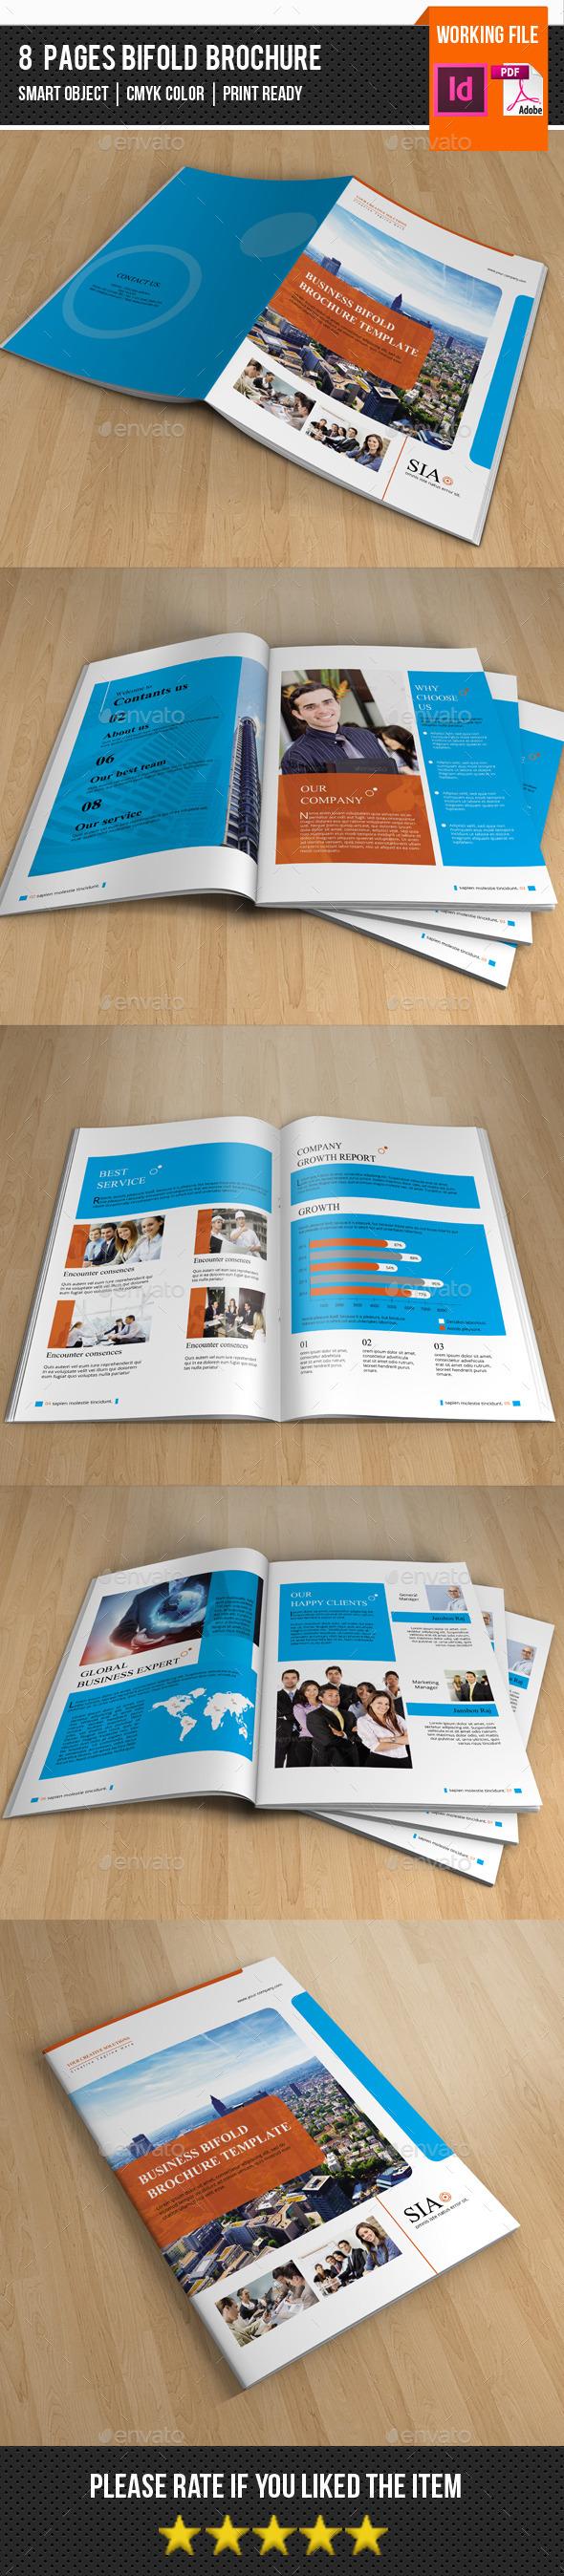 Corporate Bifold Brochure-V285 - Corporate Brochures